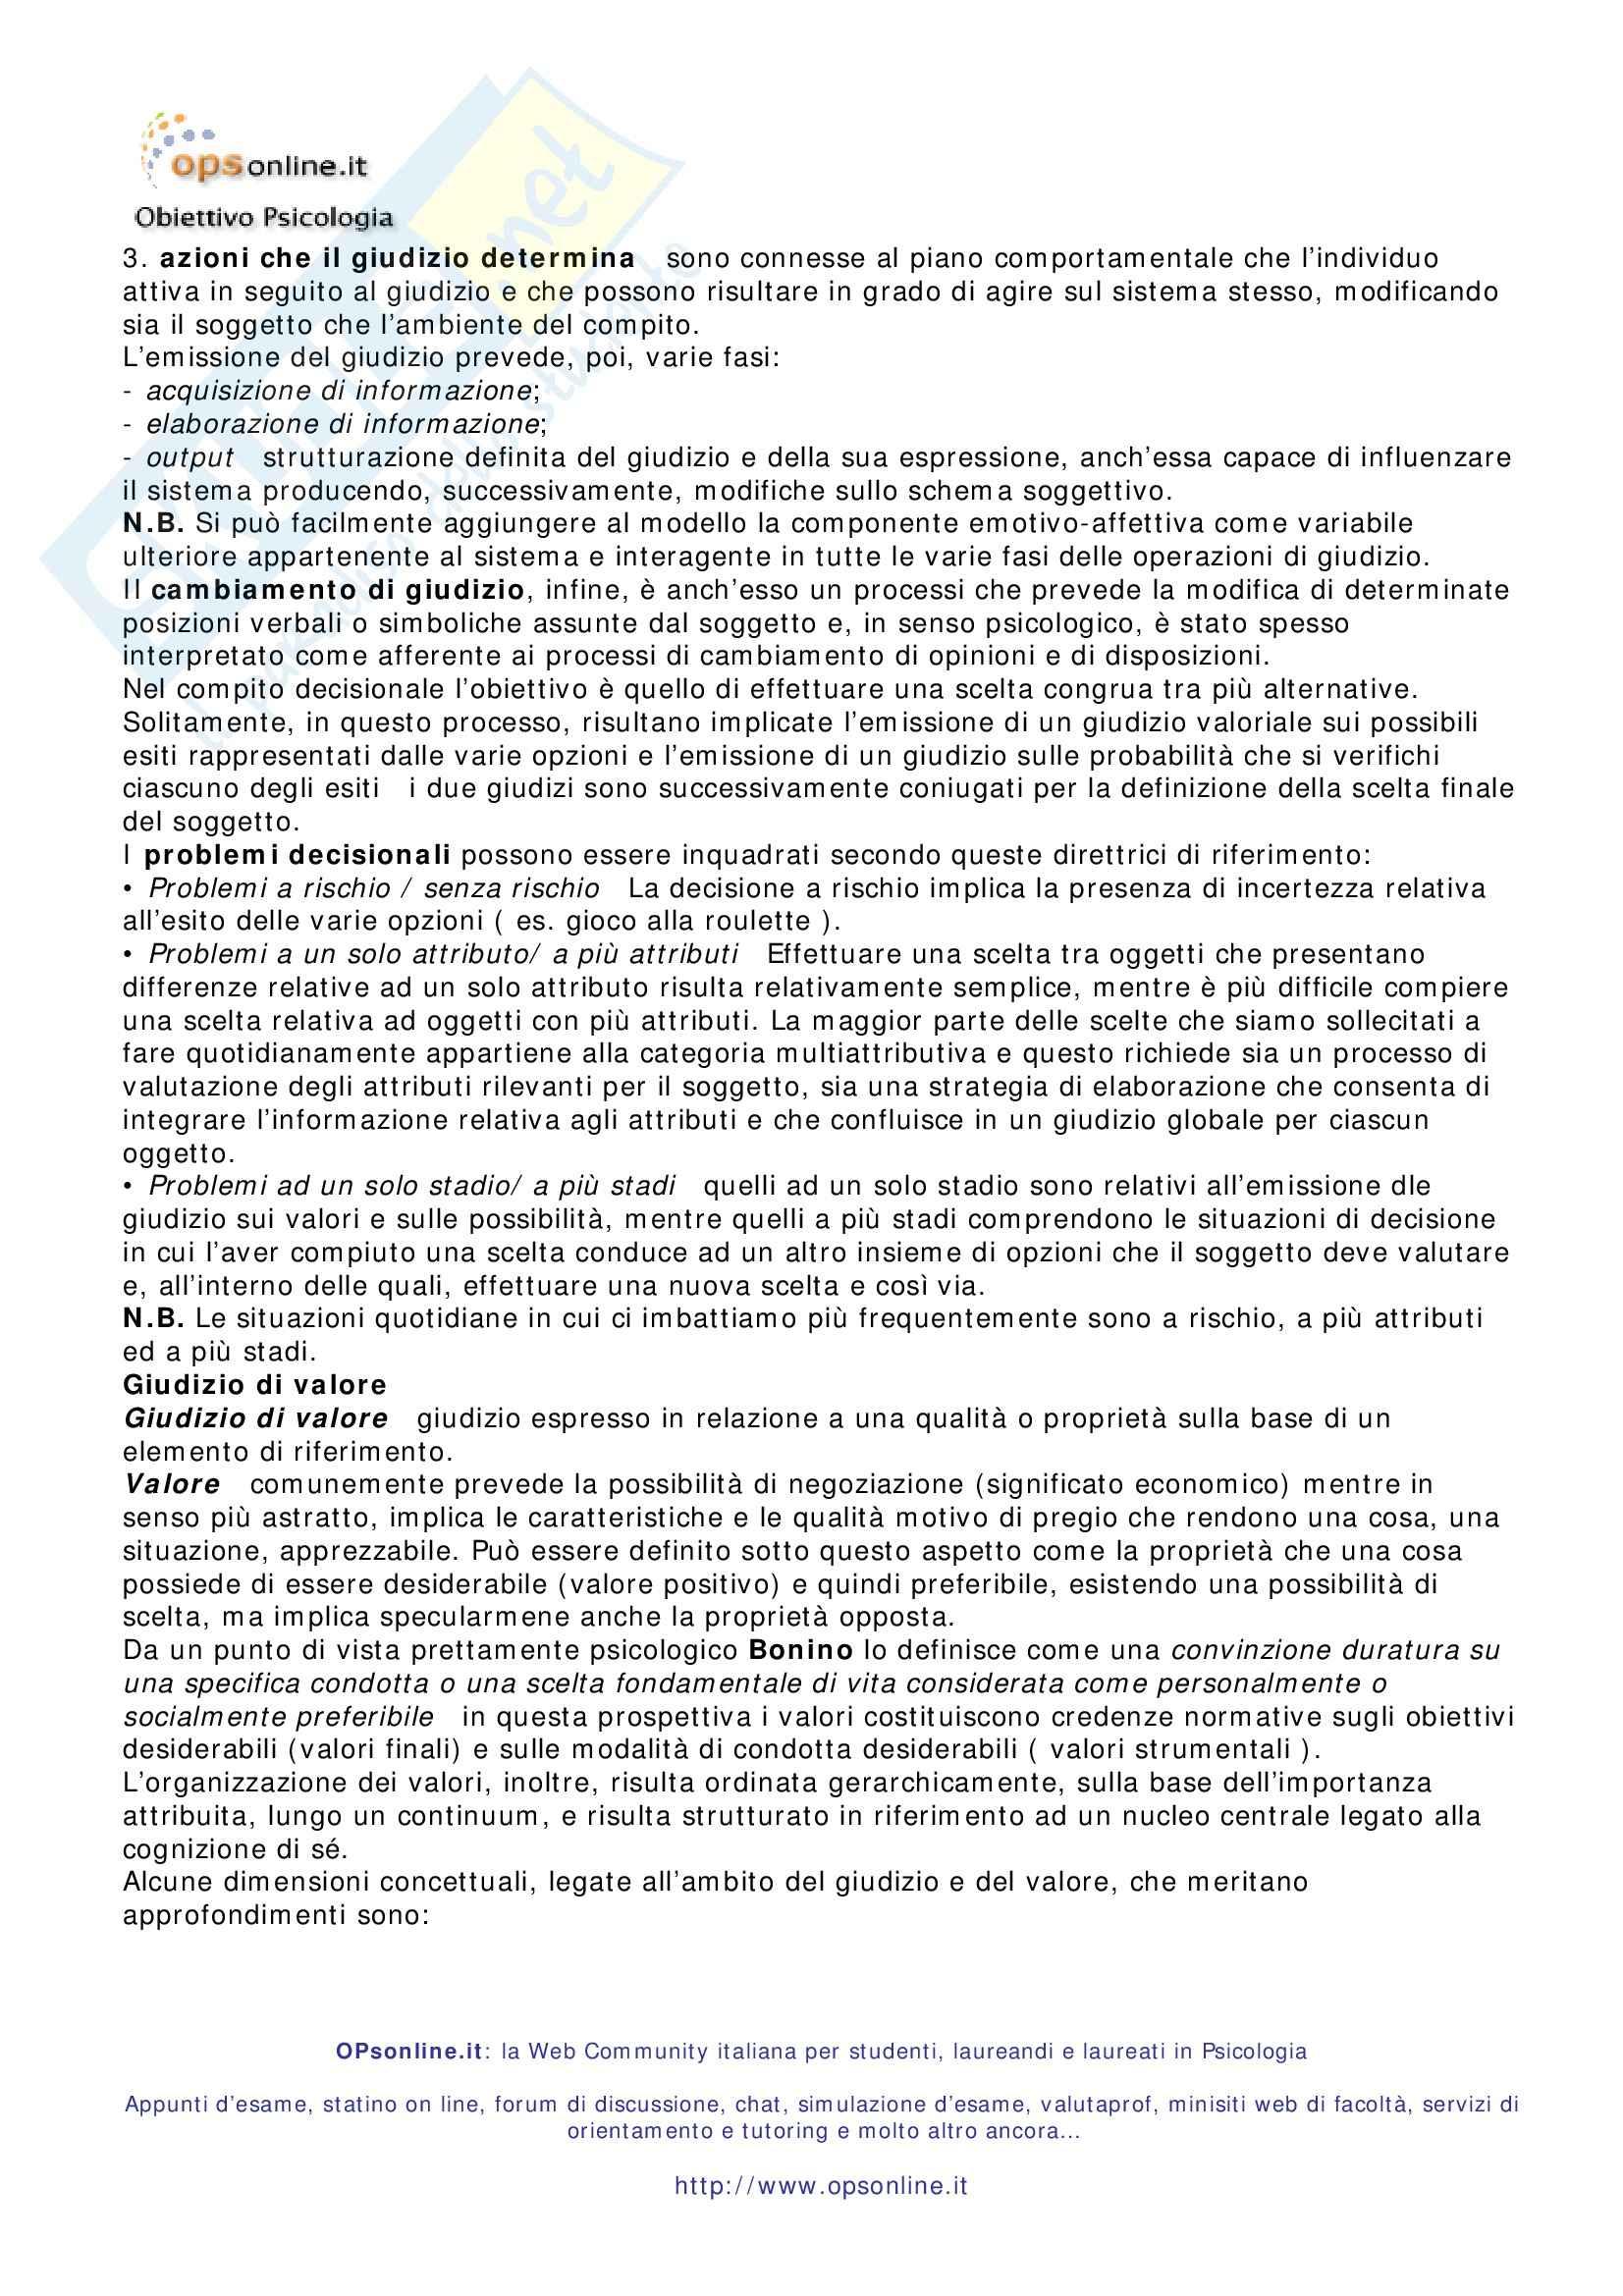 Riassunto esame Psicologia dell'Orientamento Scolastico e Professionale, prof. Di Fabio, libro consigliato Psicologia dell'Orientamento Pag. 36